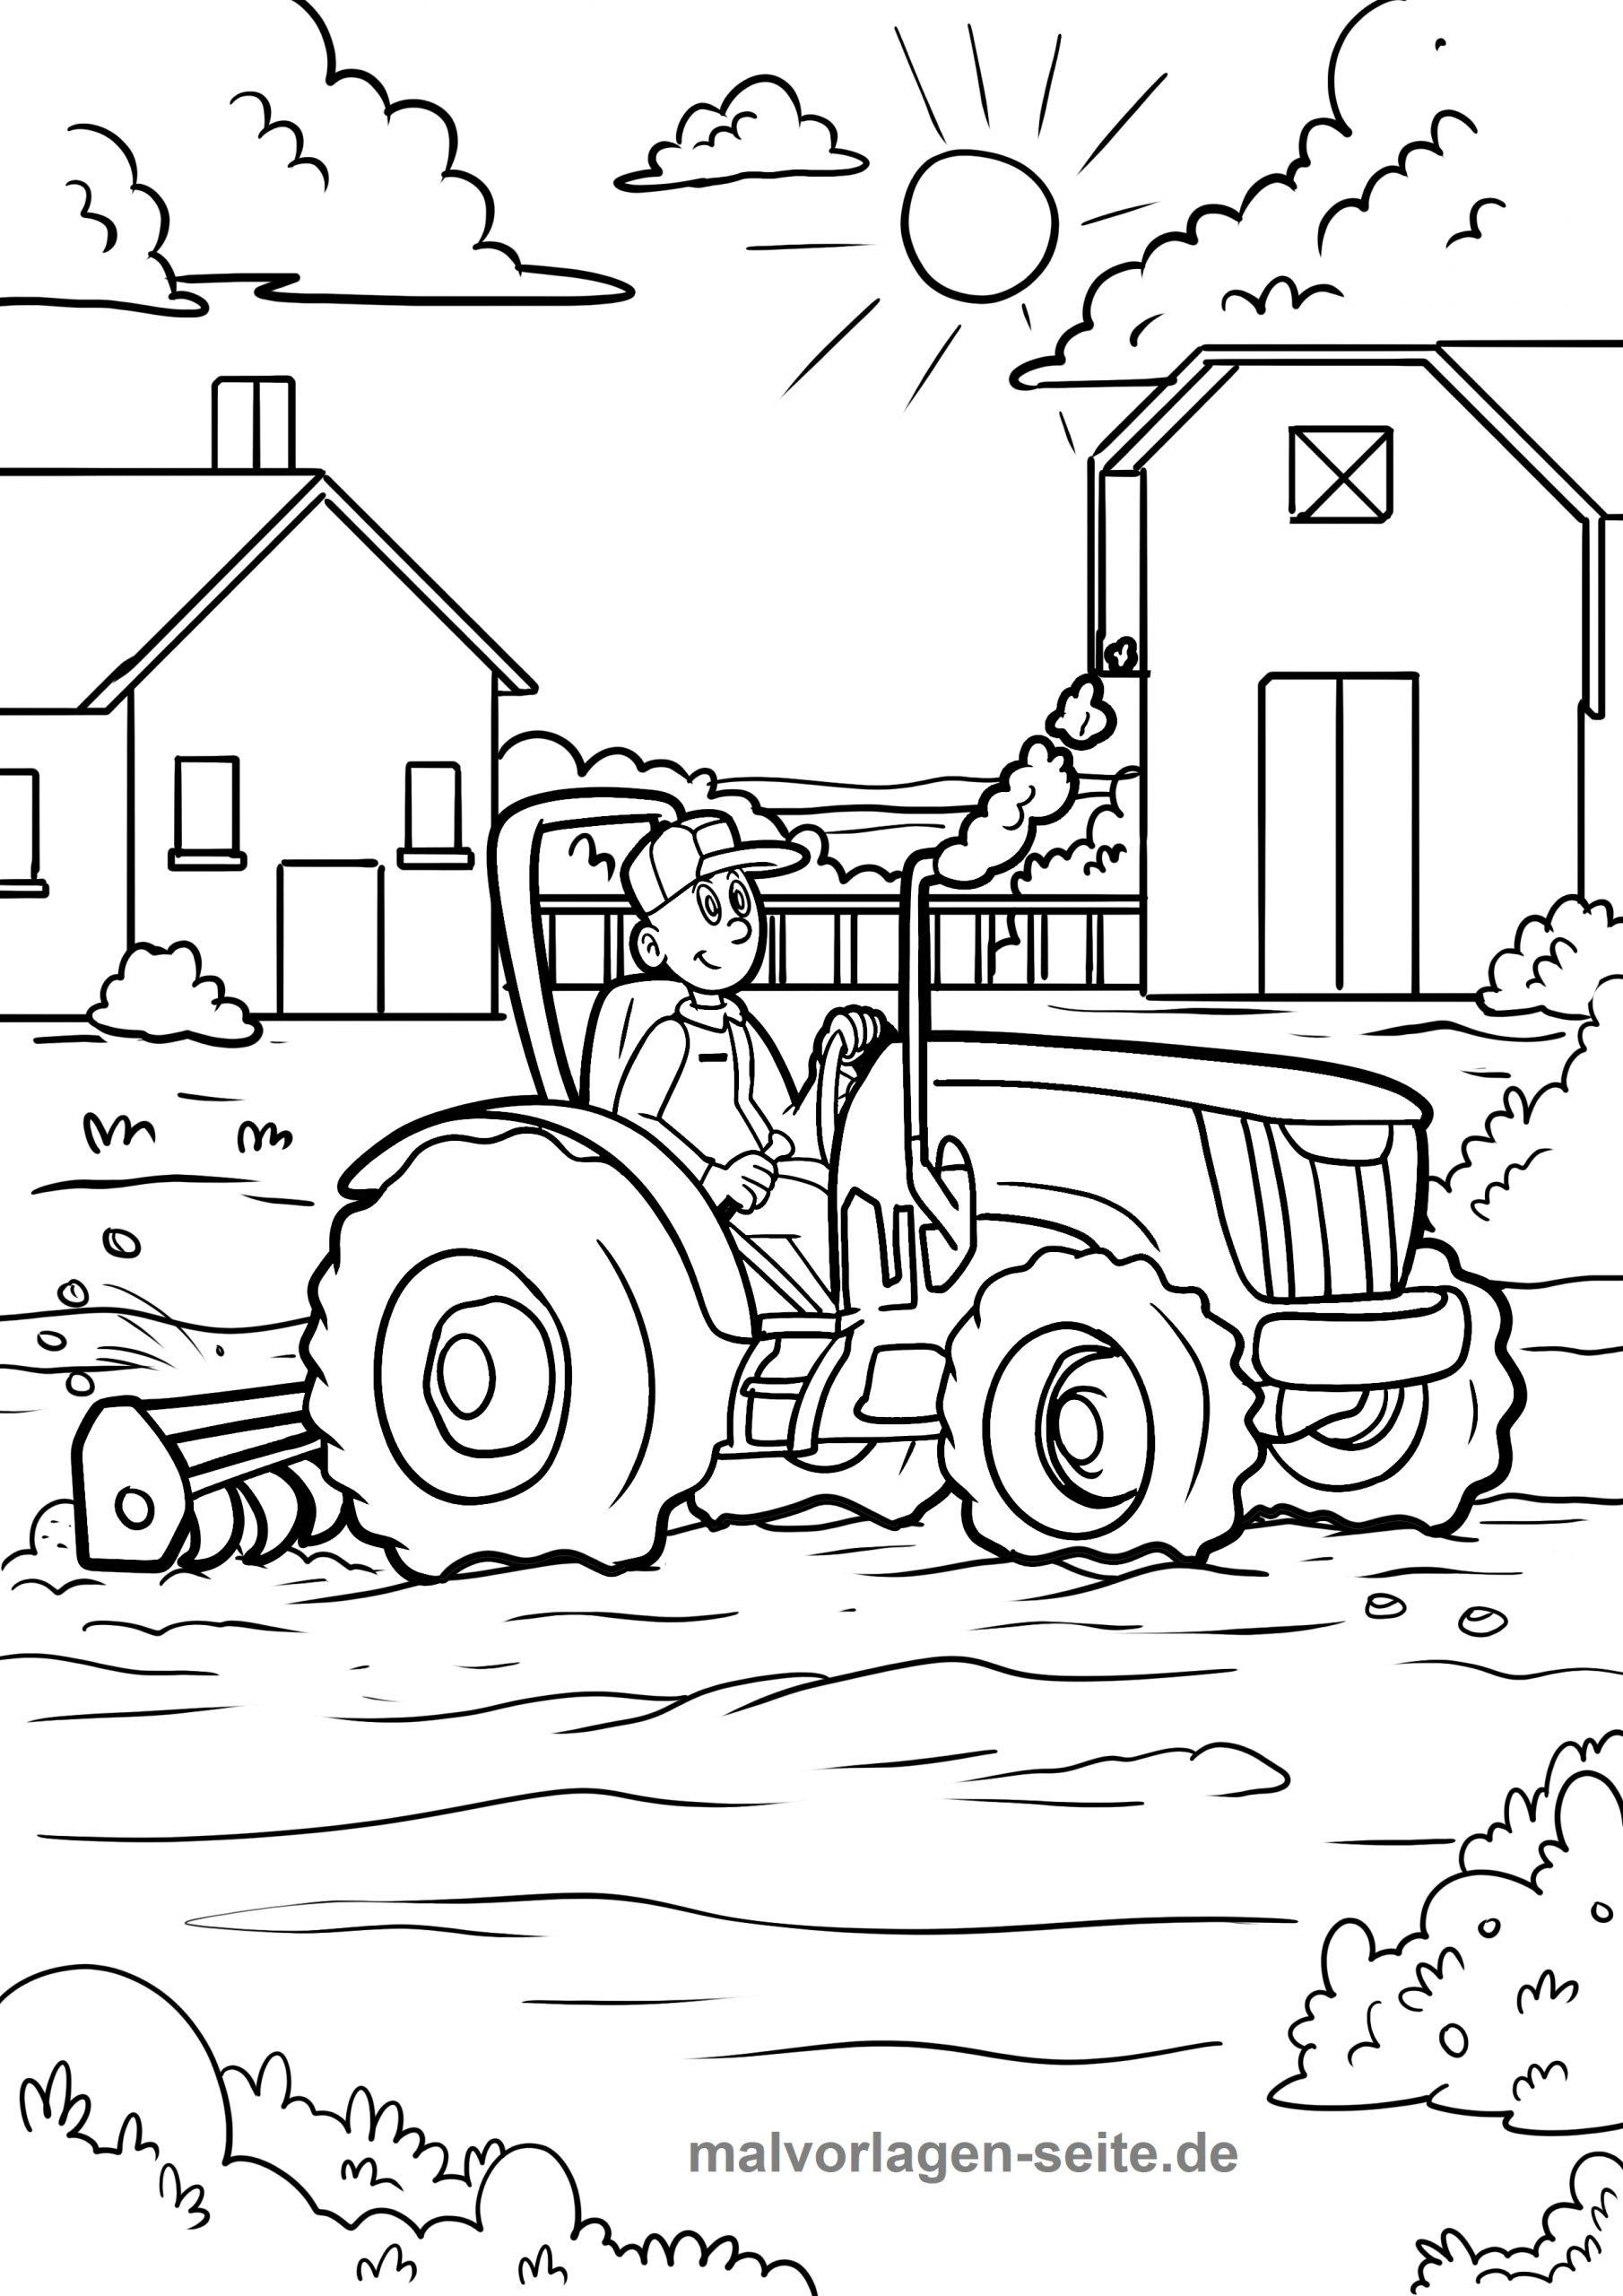 Malvorlage Bauernhof Traktor - Ausmalbilder Kostenlos verwandt mit Ausmalbilder Bauernhof Kostenlos